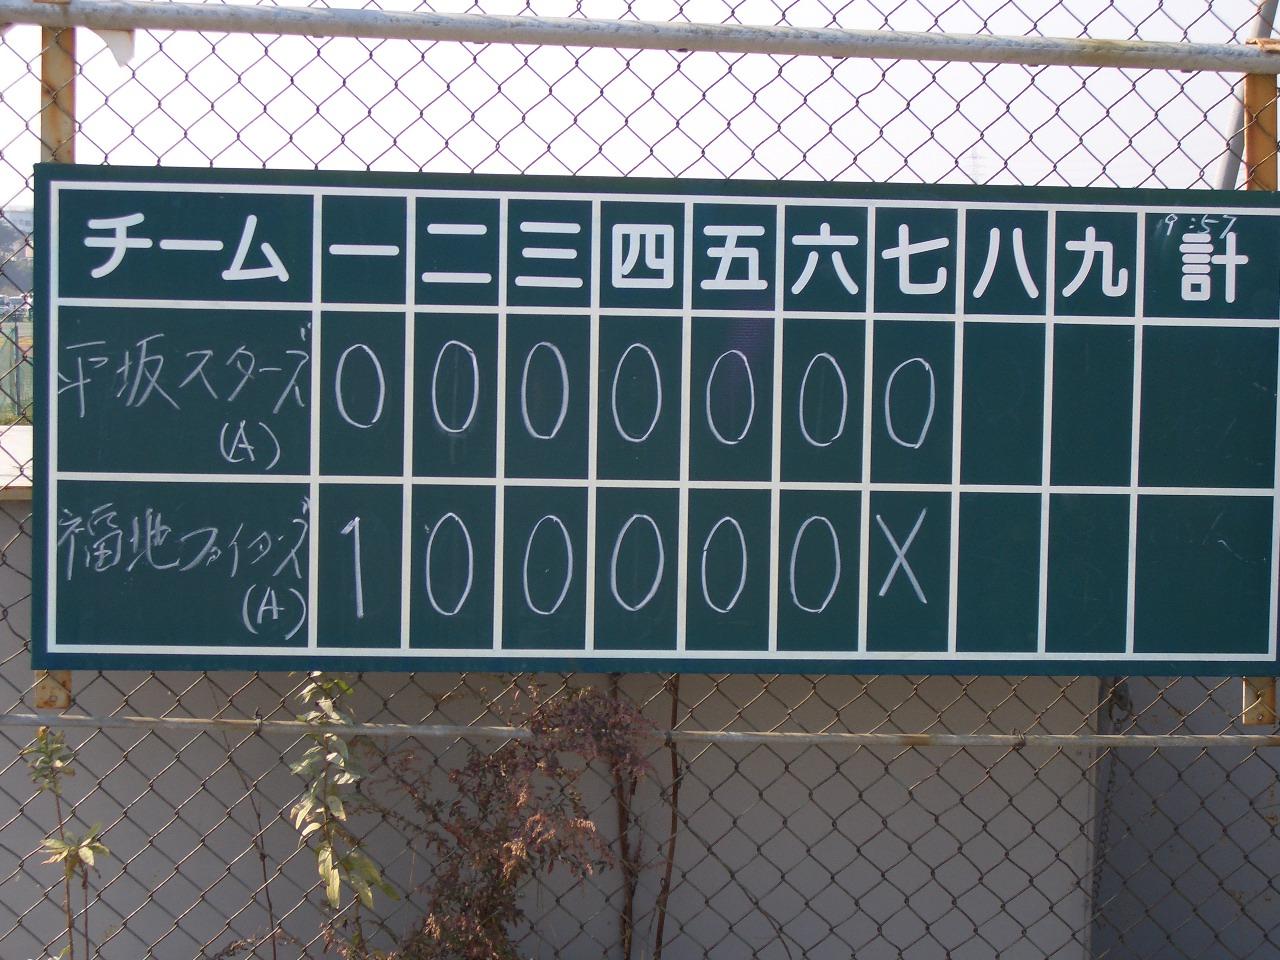 2005菅野杯決勝11月27日 031